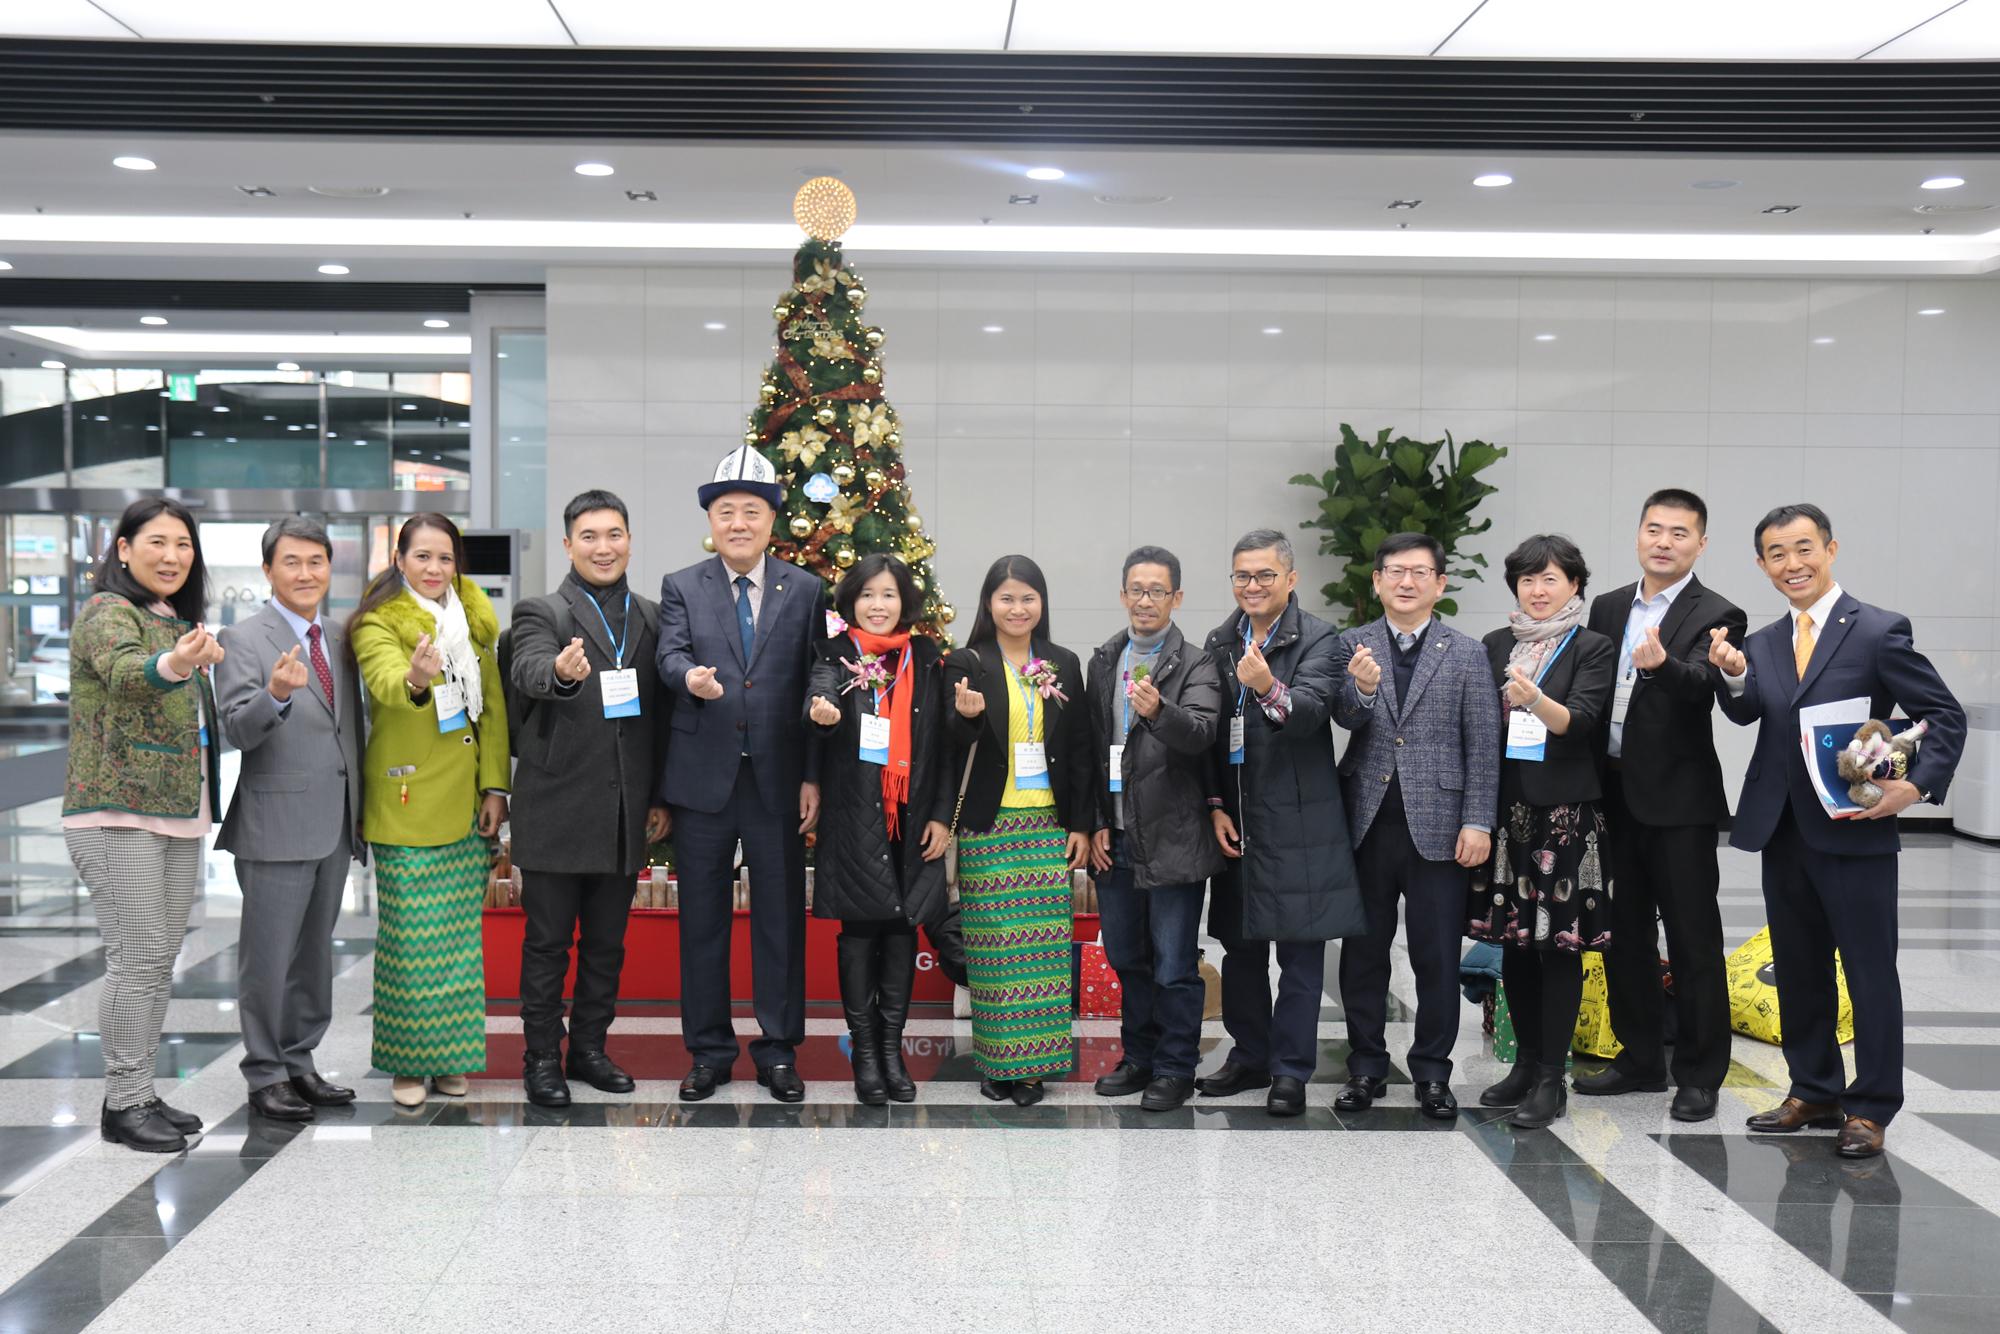 금고, 지속가능한 발전과 협력을 위한 국제 워크숍